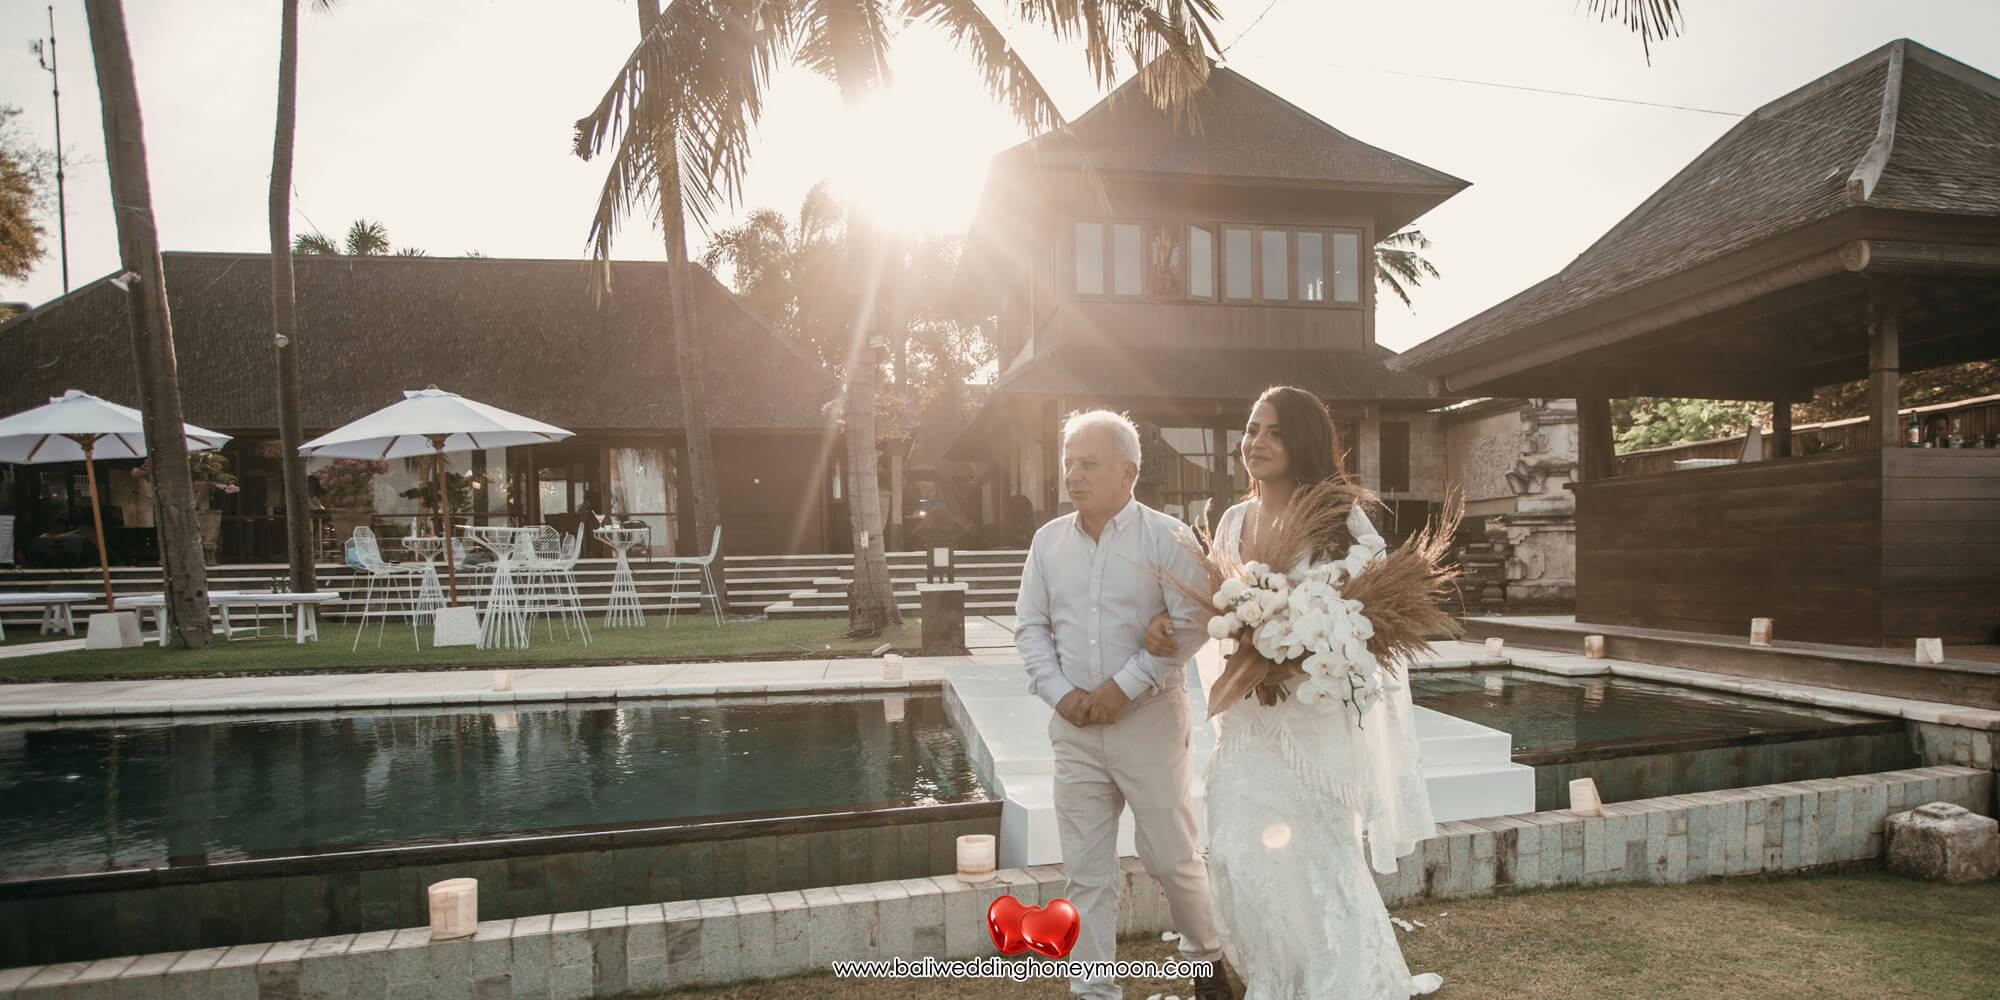 weddingvenuebali-villawedding-baliweddinghoneymoon-baliweddingorganizer-baliweddingplanner-baliweddingpackage-pushpapuri8